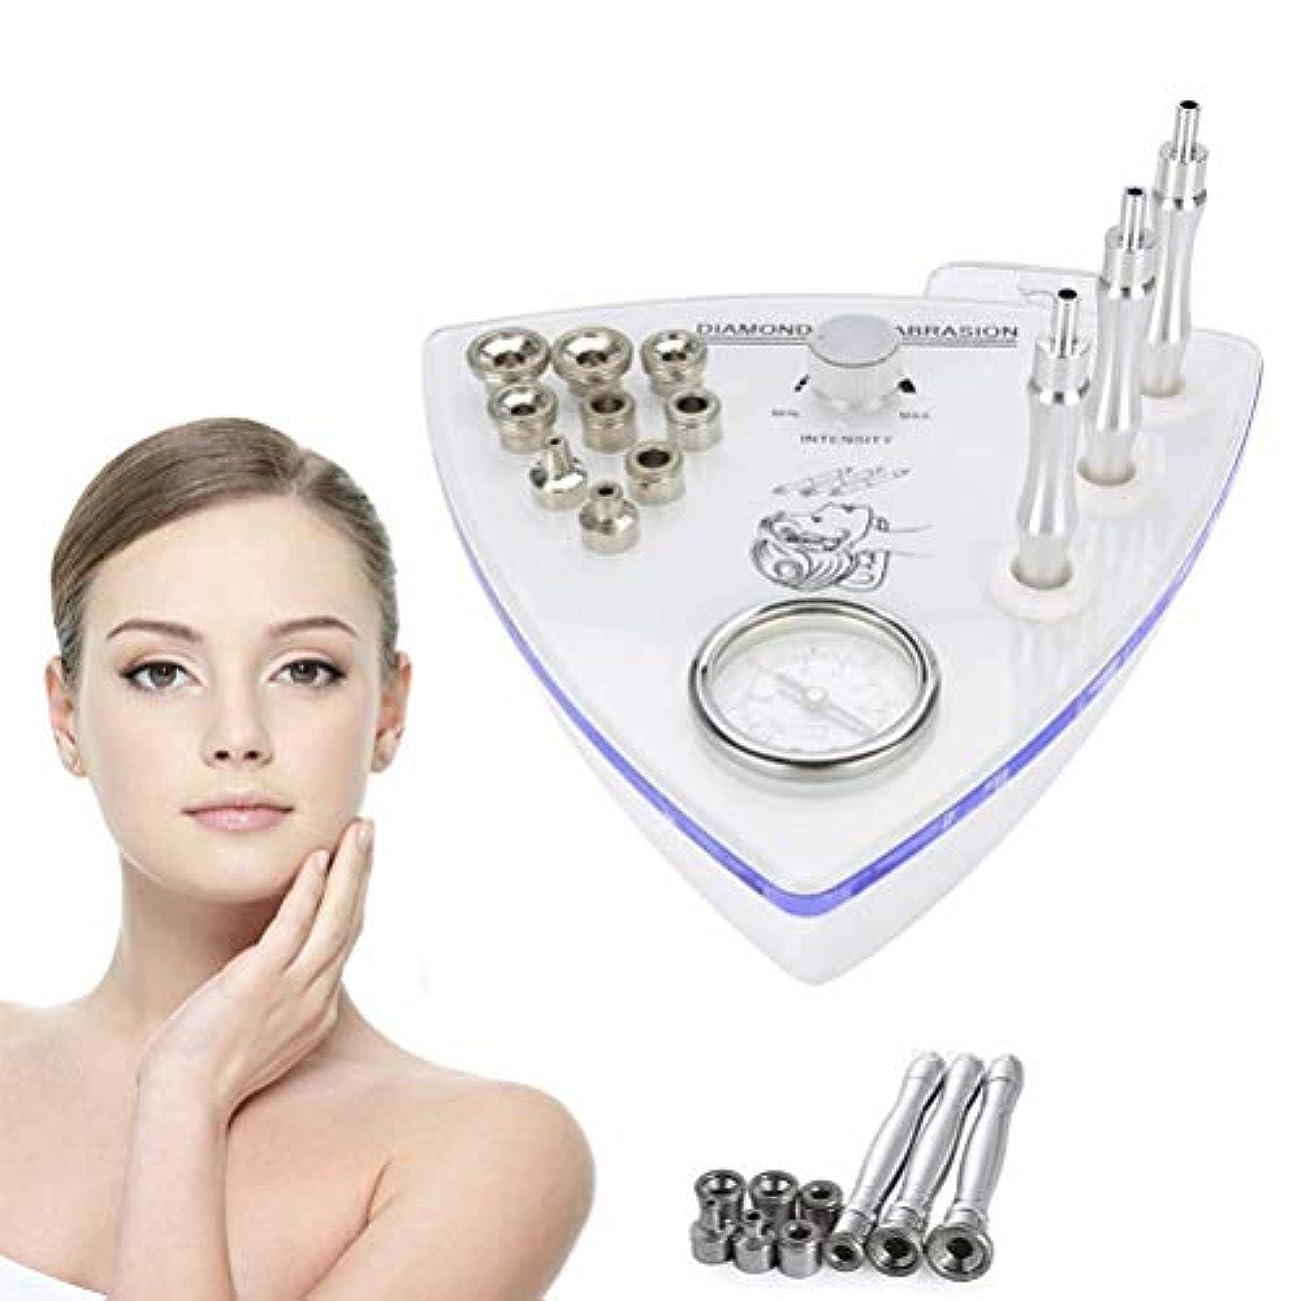 甘美な口未来フェイシャルマッサージ - 美容機ダイヤモンドマイクロダーマブレーション皮膚剥離マシンスプレーガン水では、真空吸引剥離スプレー